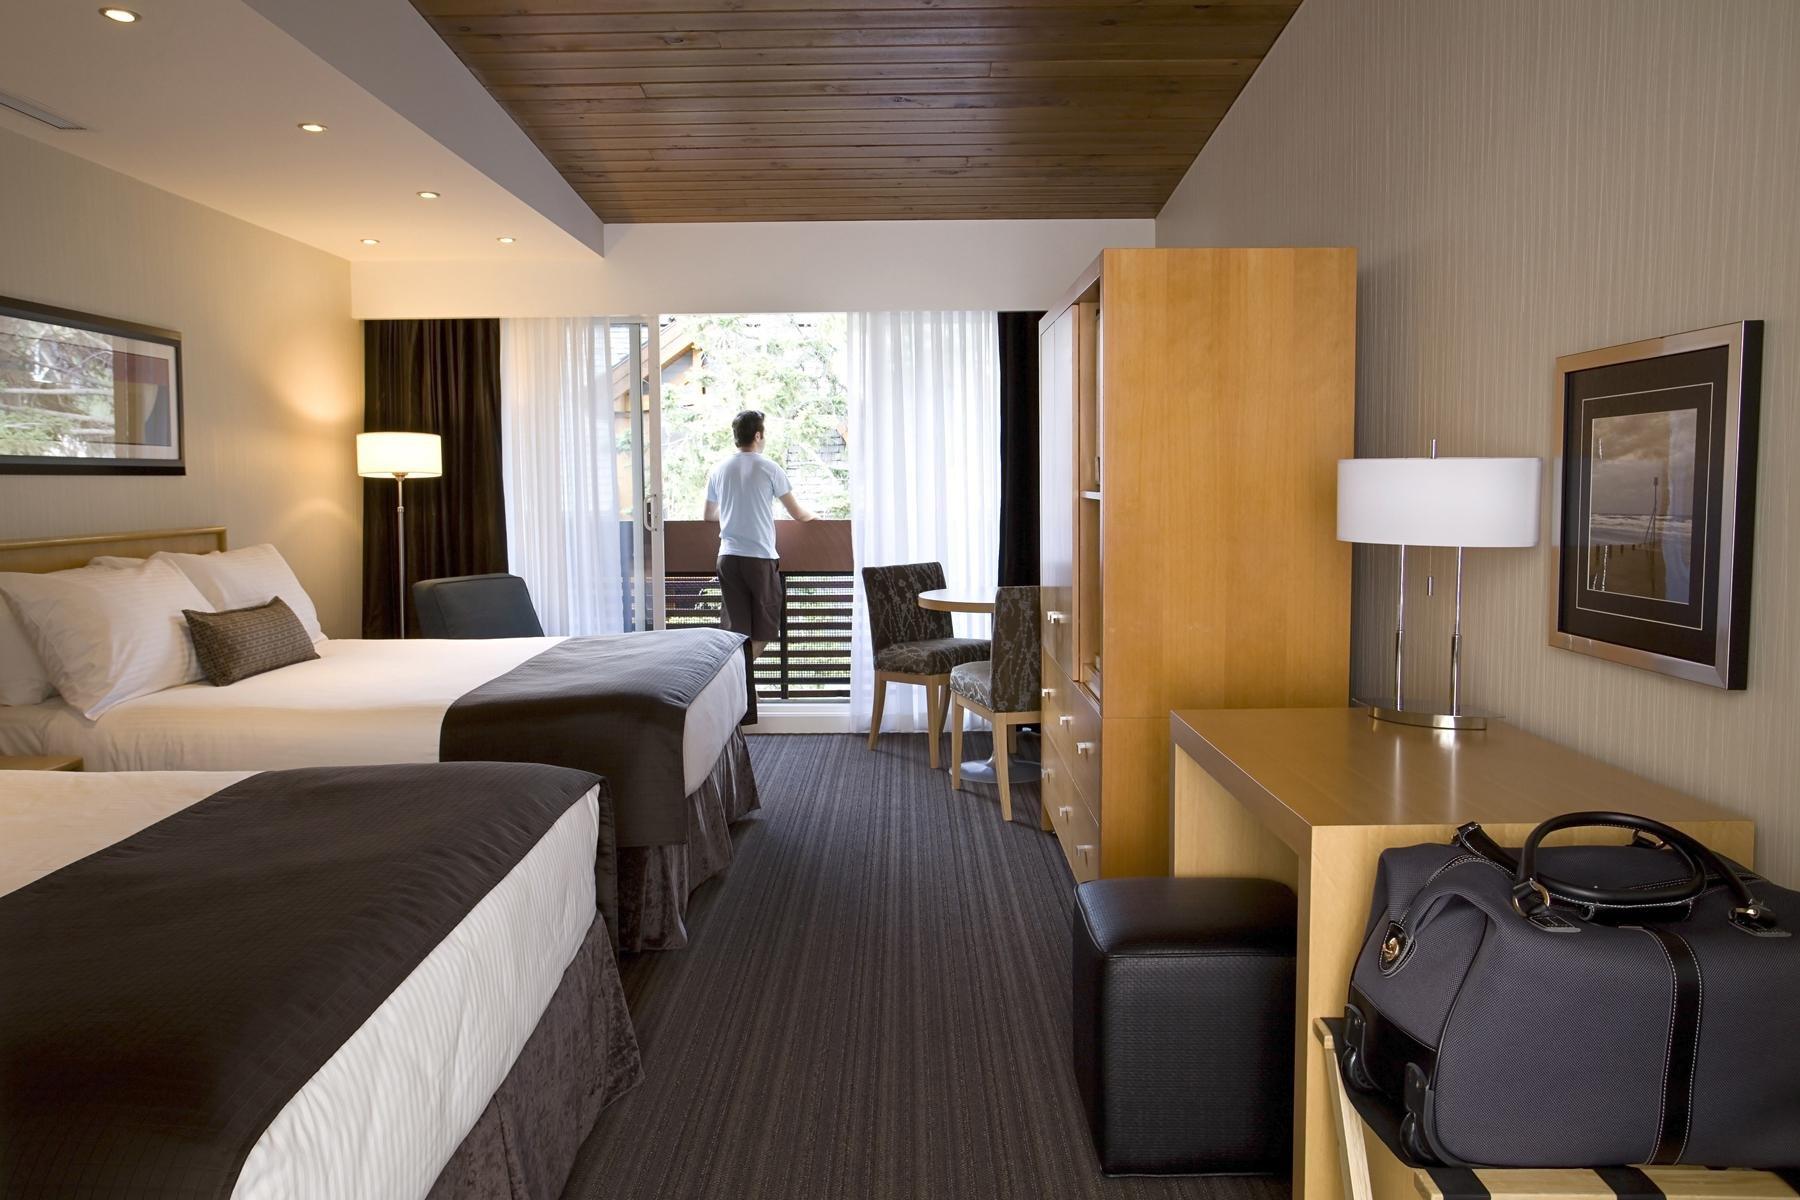 Banff Aspen Lodge premium room 2 queens